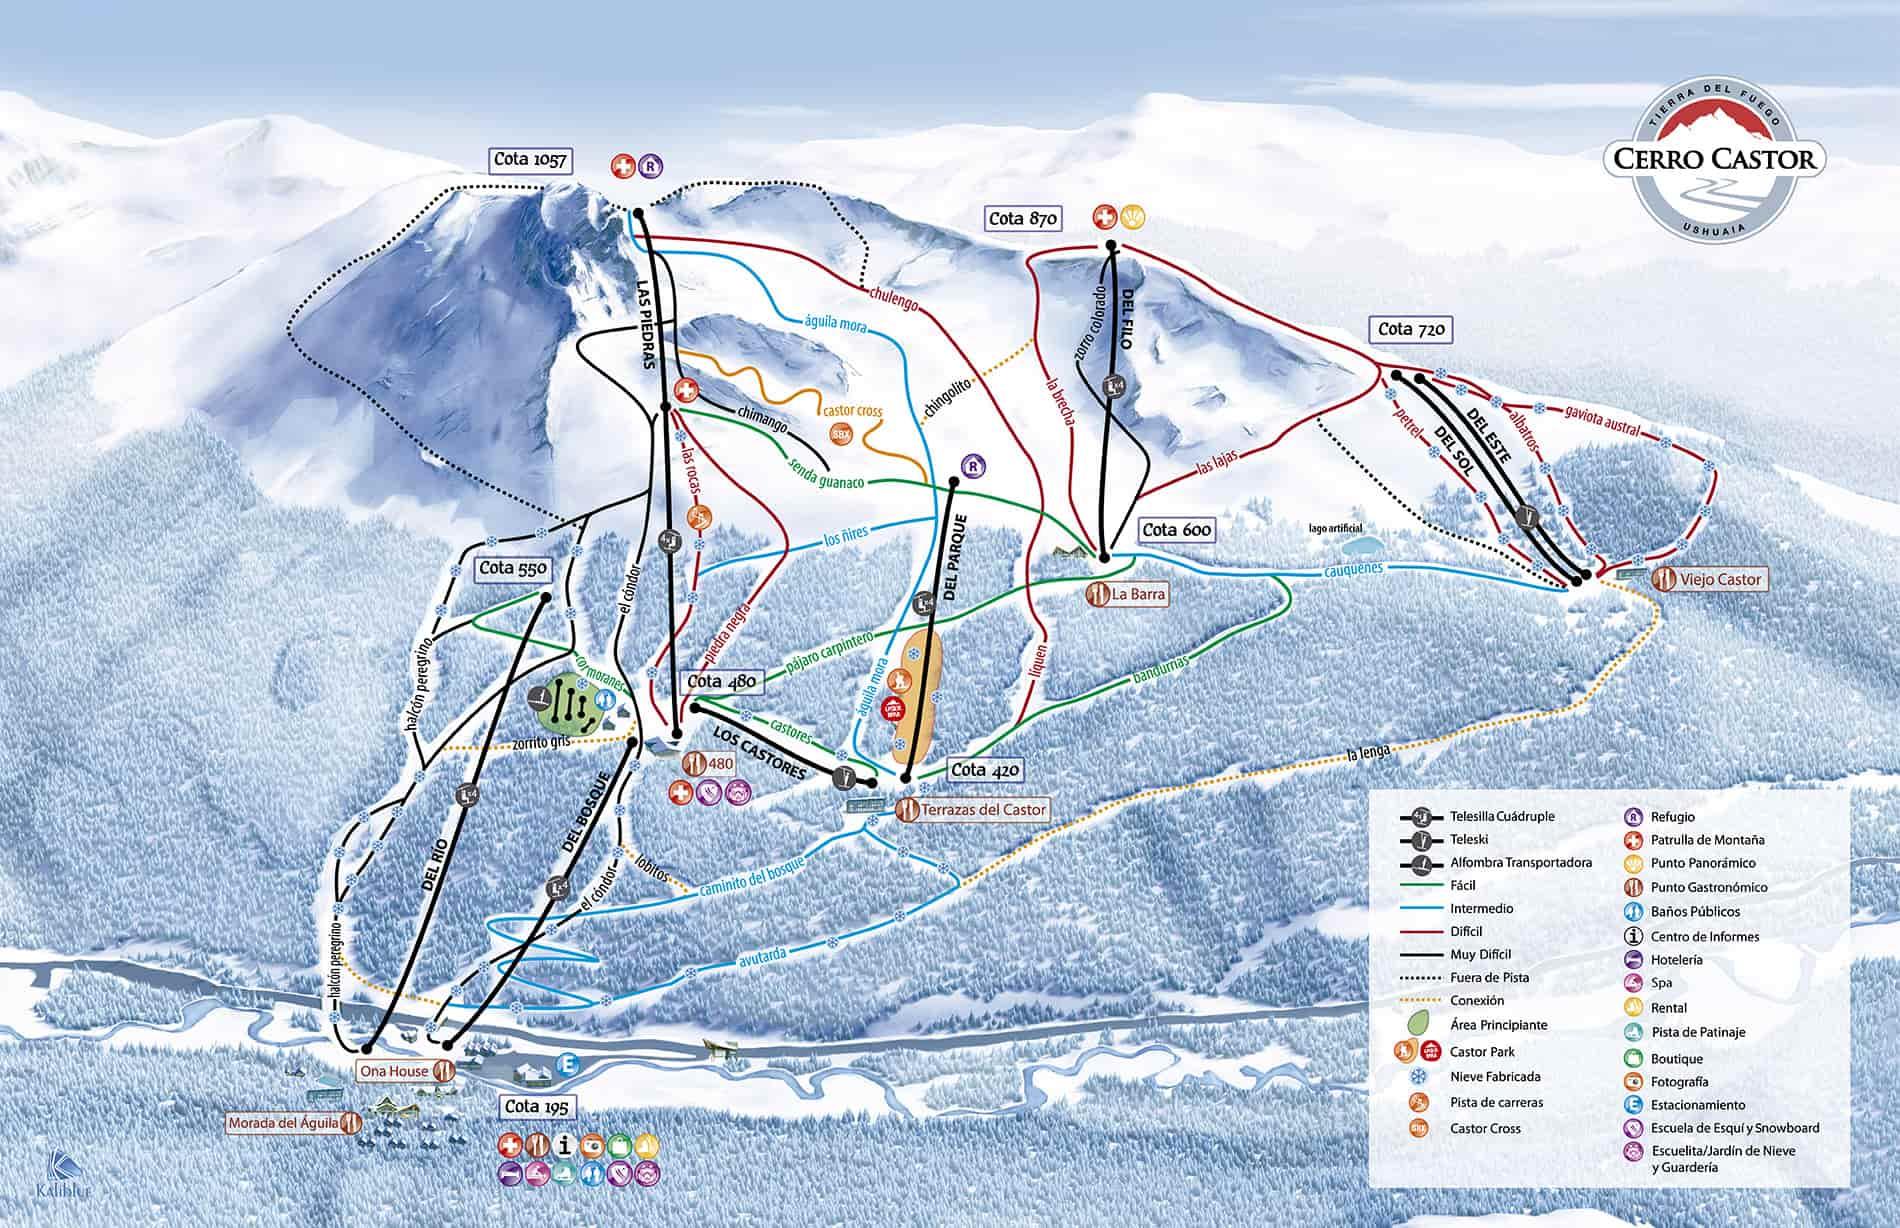 esqui en ushuaia mapa de pistas de cerro castor